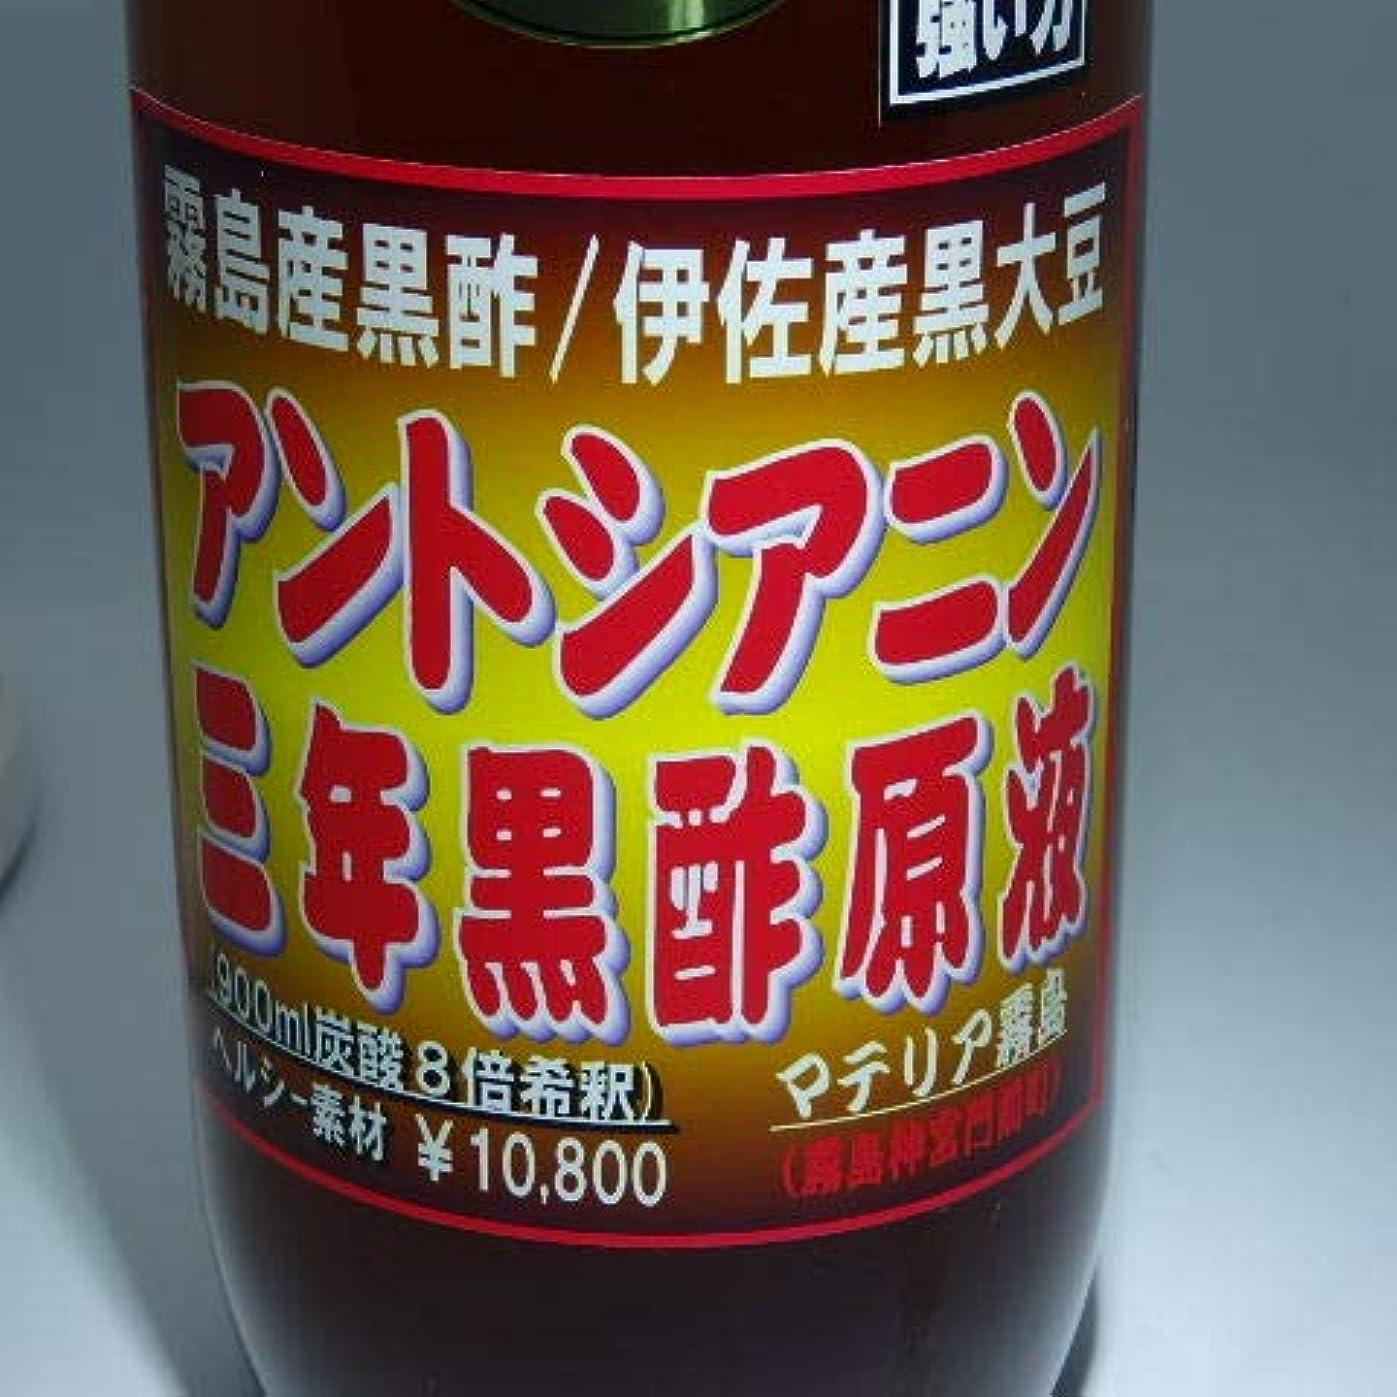 囲まれた憂鬱なリンケージ無添加健康食品/黒酢黒豆乳酸系原液/3年熟成(900ml)60日分¥10,800